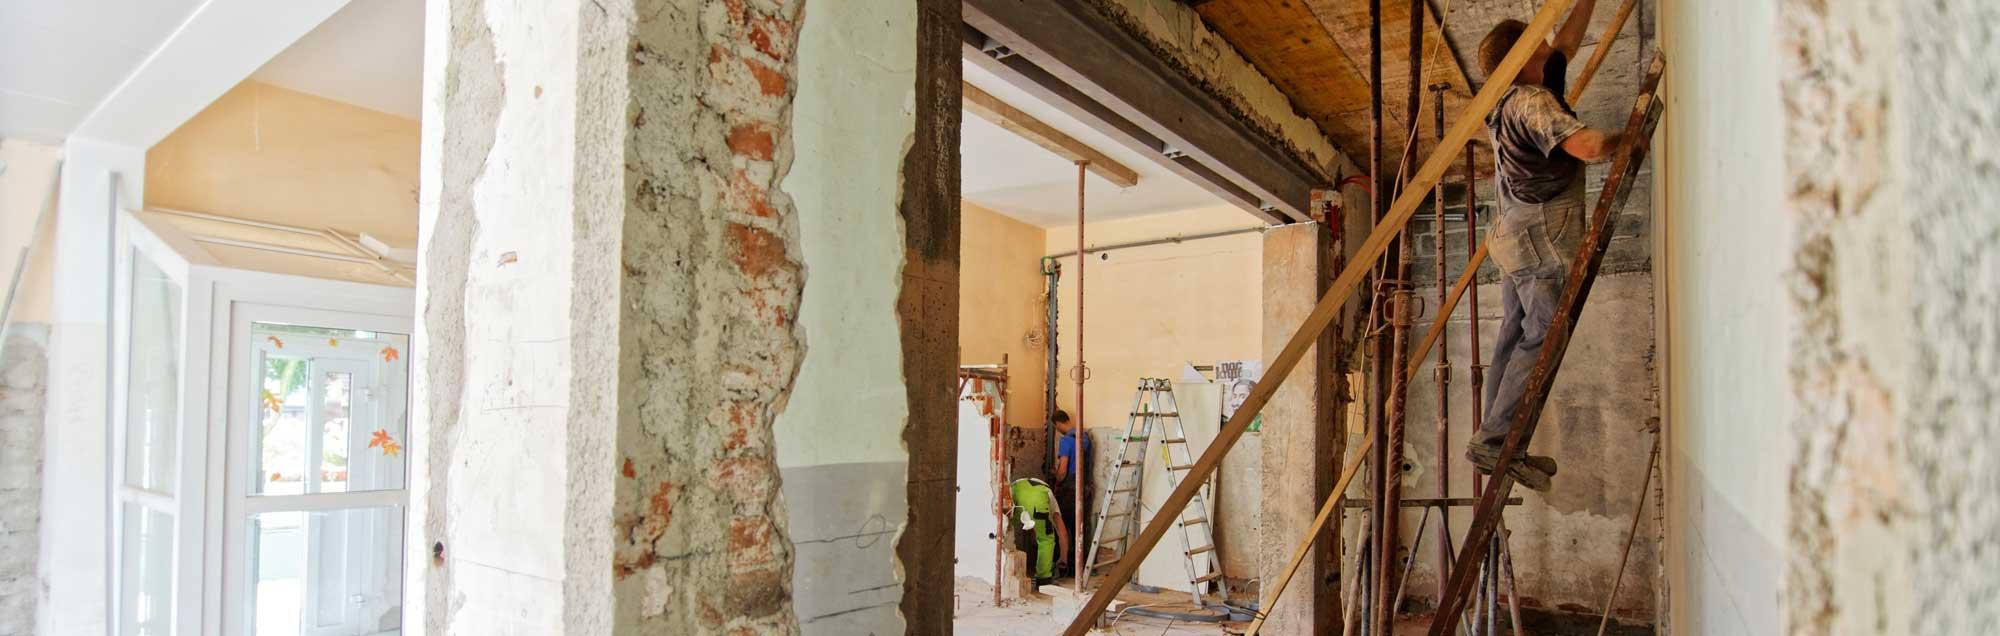 People repairing house damage